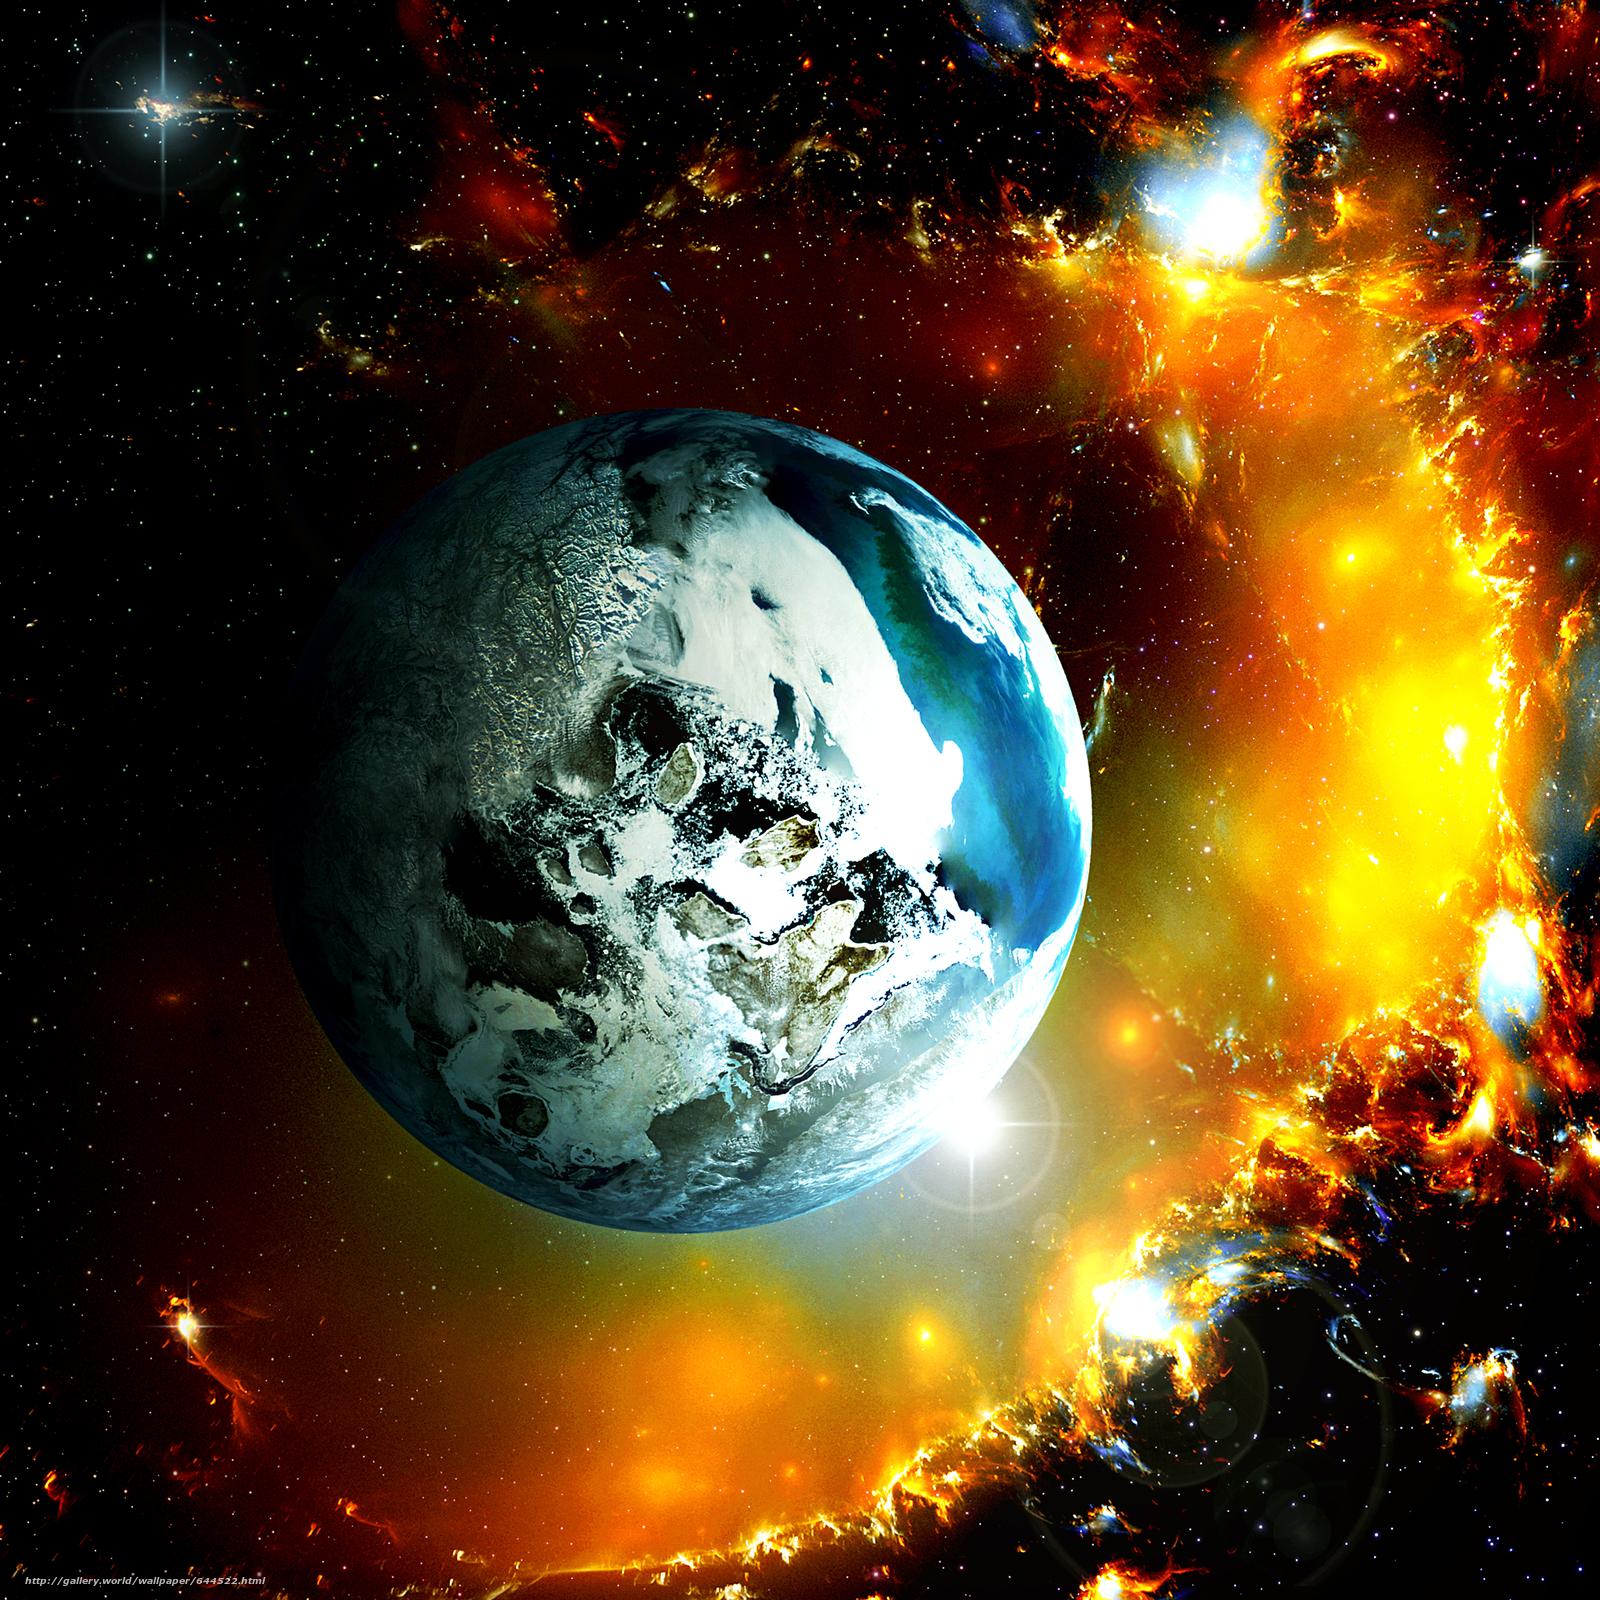 Descargar gratis espacio,  Planeta,  3d,  arte Fondos de escritorio en la resolucin 2500x2500 — imagen №644522